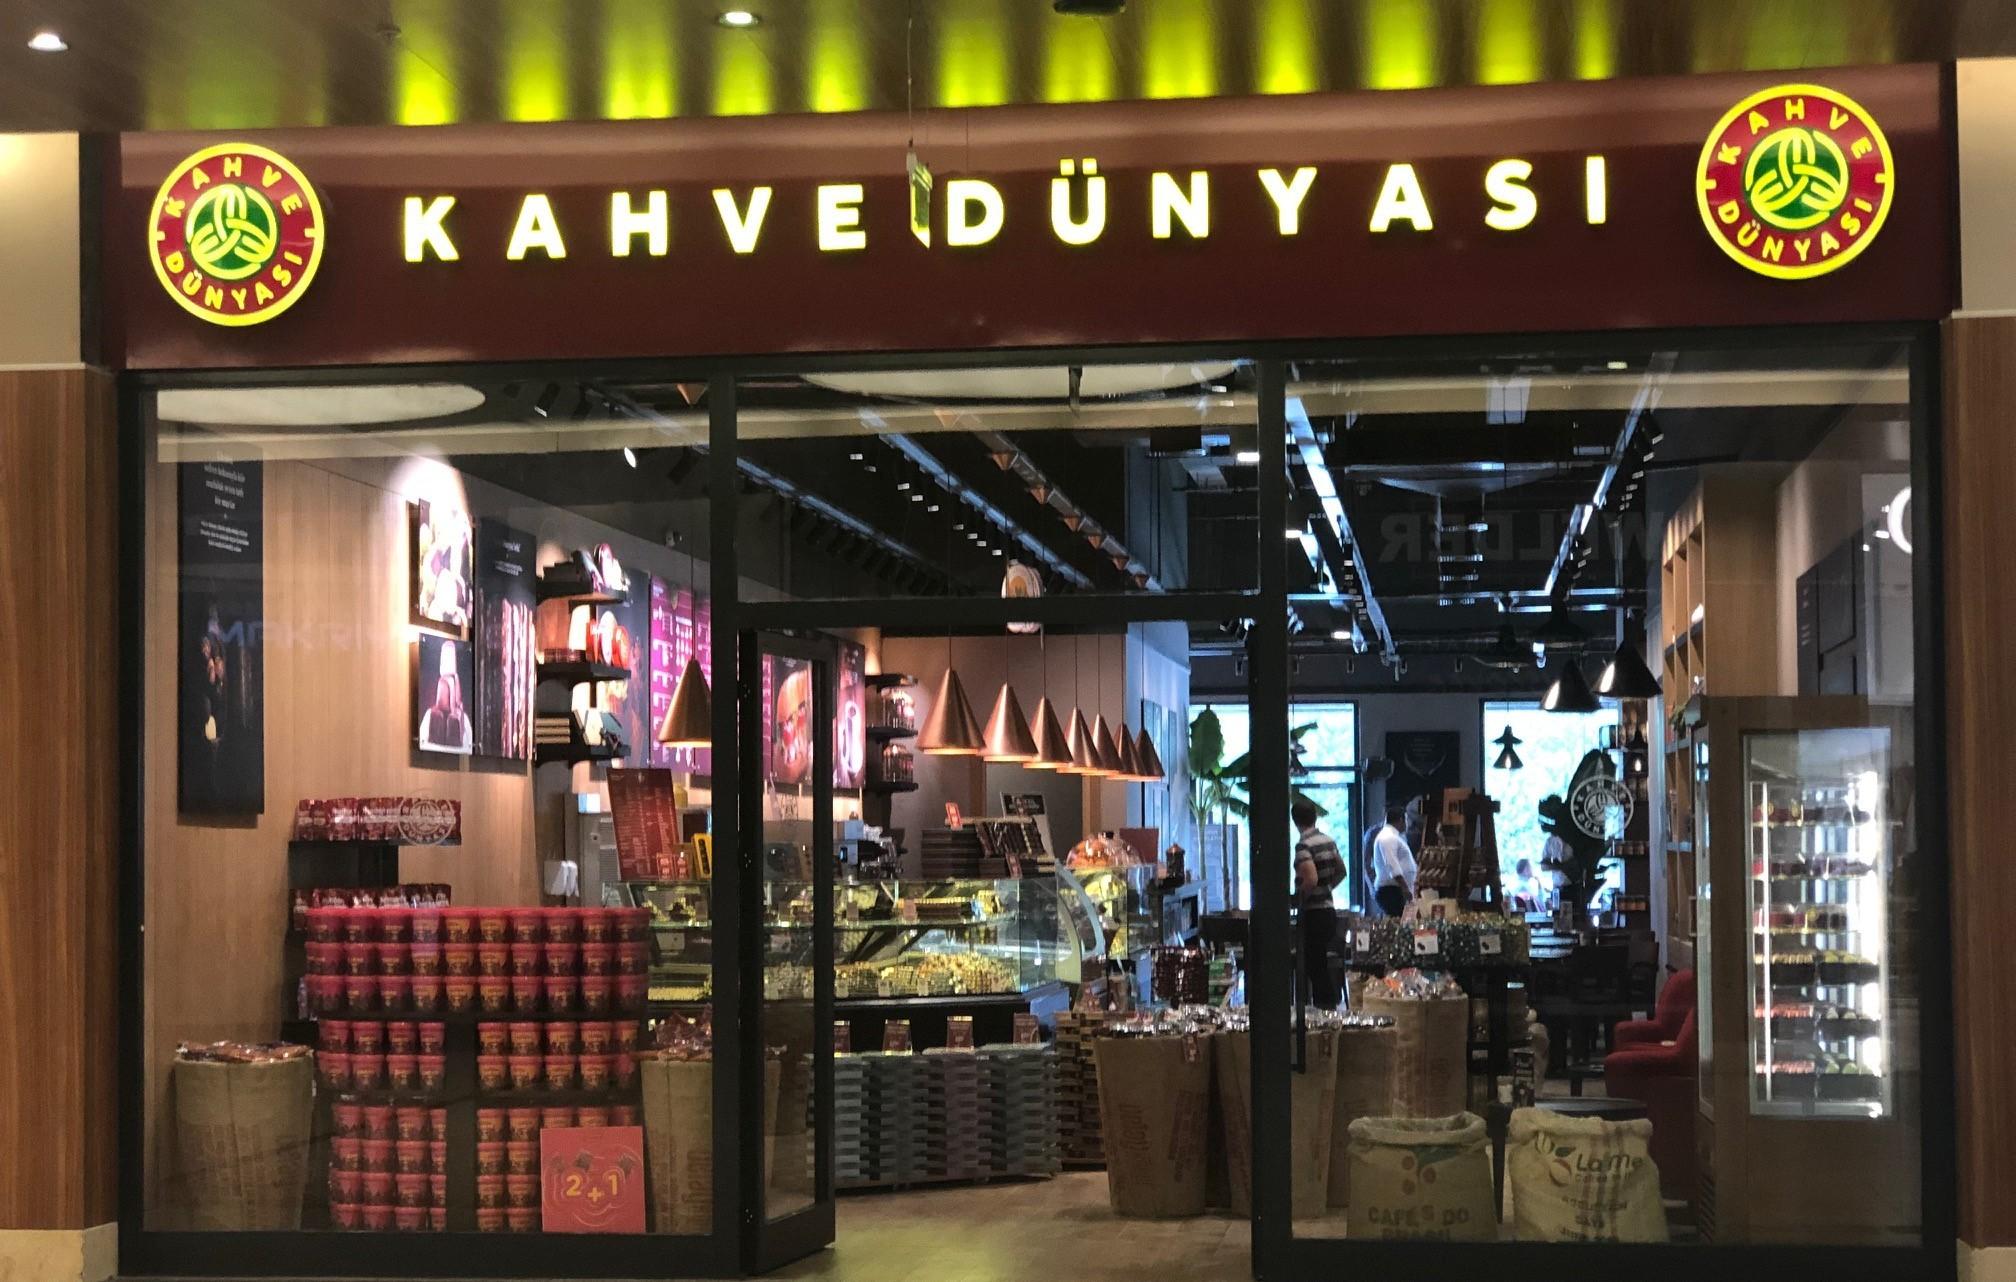 Kahve Dünyası bini aşkın lezzetiyle MalatyaPark AVM'de… Kahve Dünyası Malatya'daki İlk Mağazasını Açarak Malatyalılar'ı Eşsiz Lezzetleri ile Buluşturuyor!